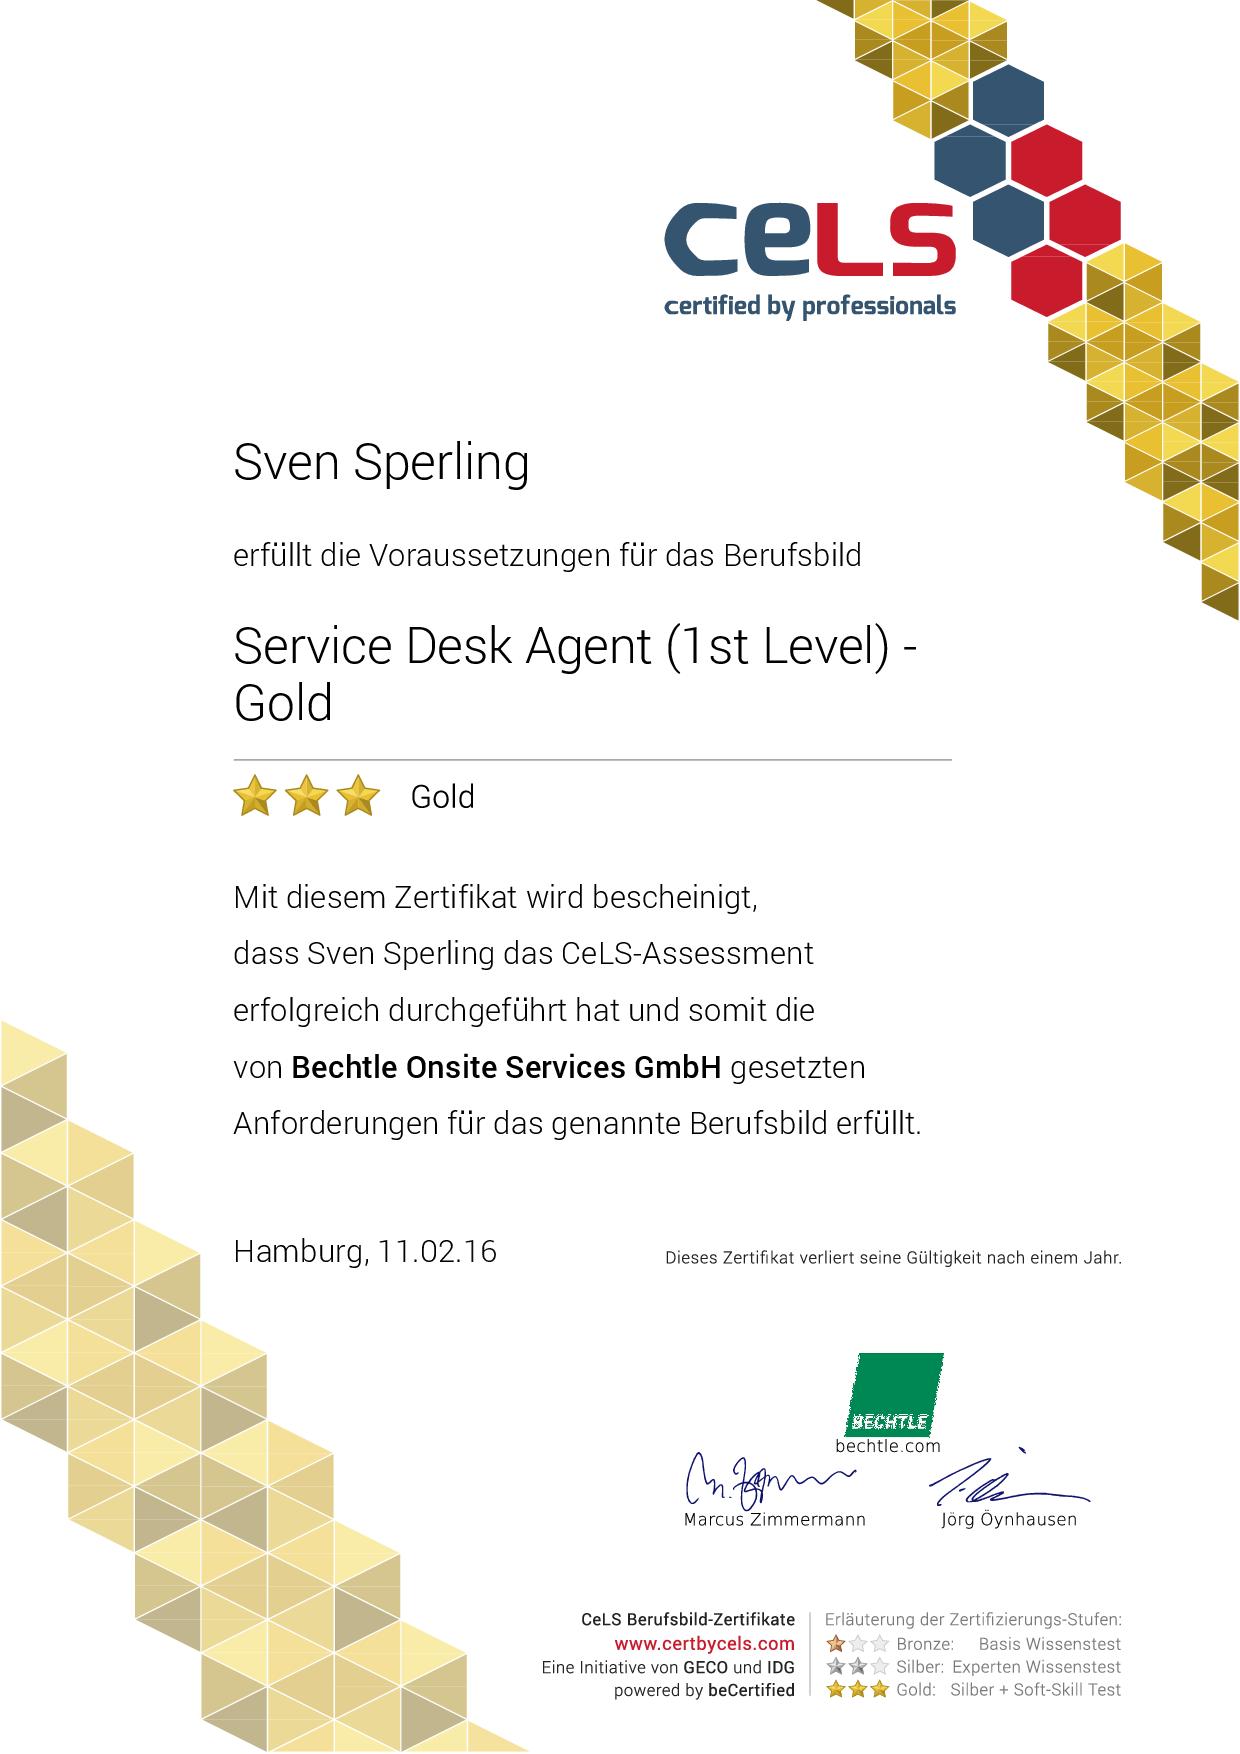 CELS – Service Desk Agent (1st Level) Gold Zertifikat